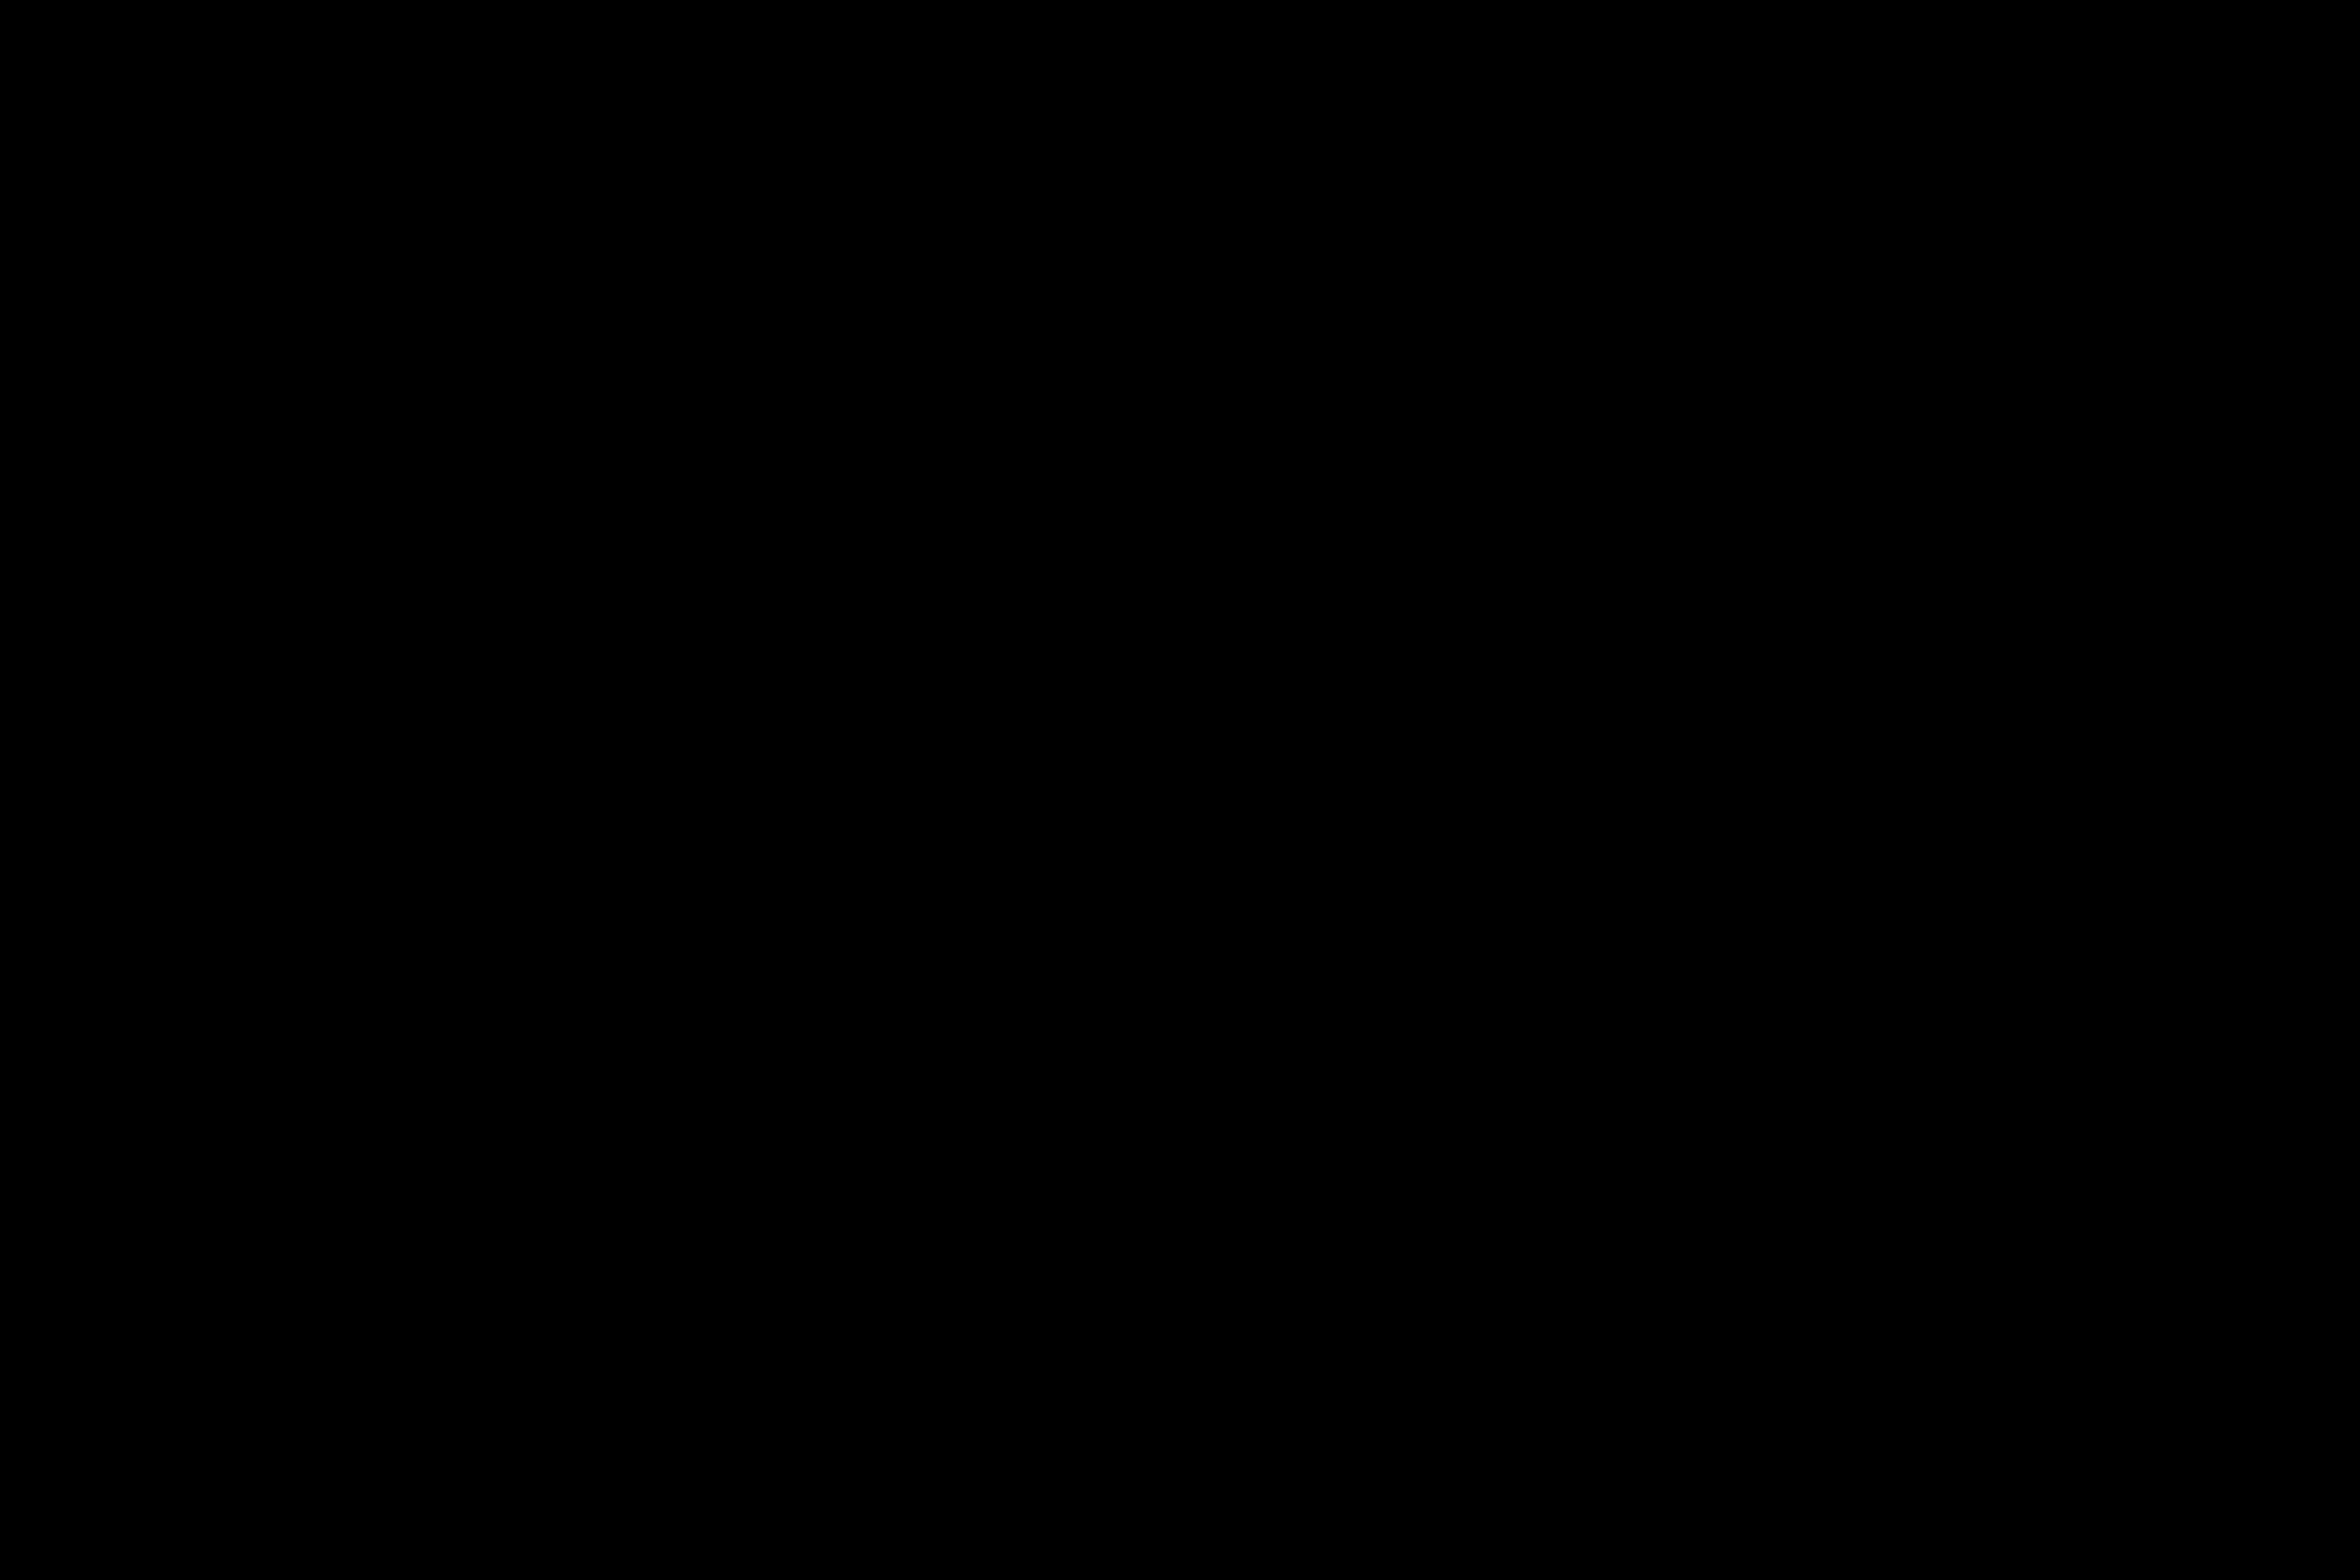 Acic realiza conclusão de terceira turma do núcleo Primeiros Passos